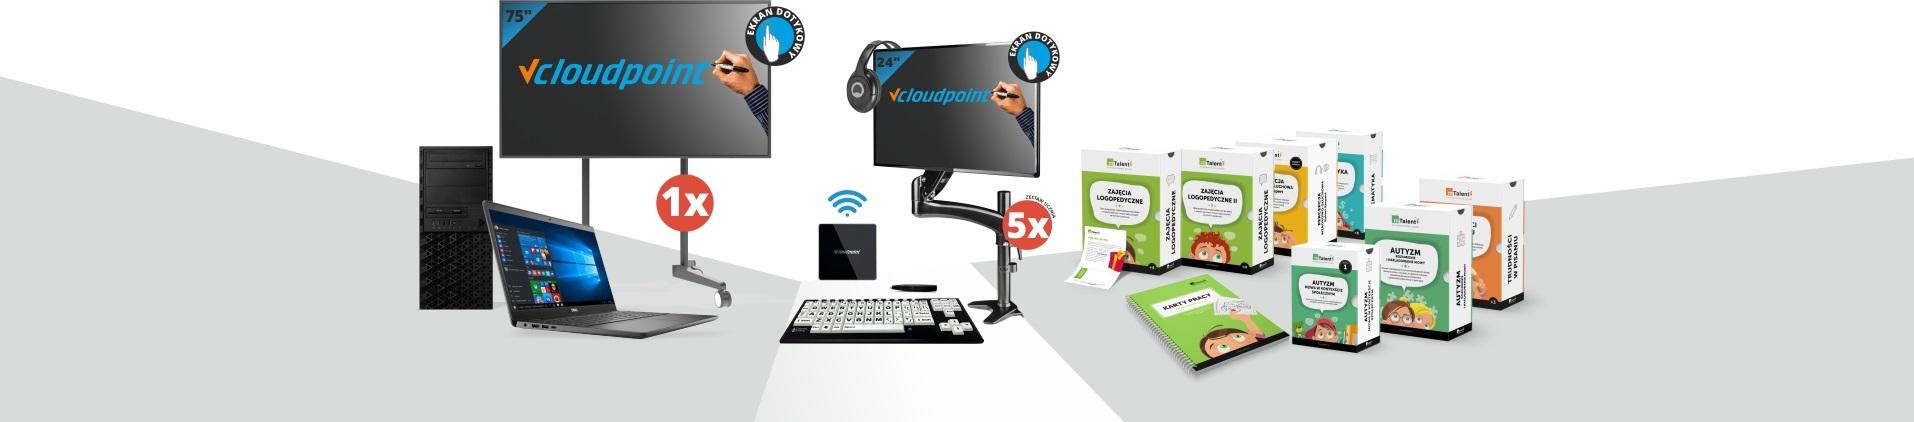 Pracownia terminalowa vCloudPoint dla uczniów ze specjalnymi potrzebami edukacyjnymi